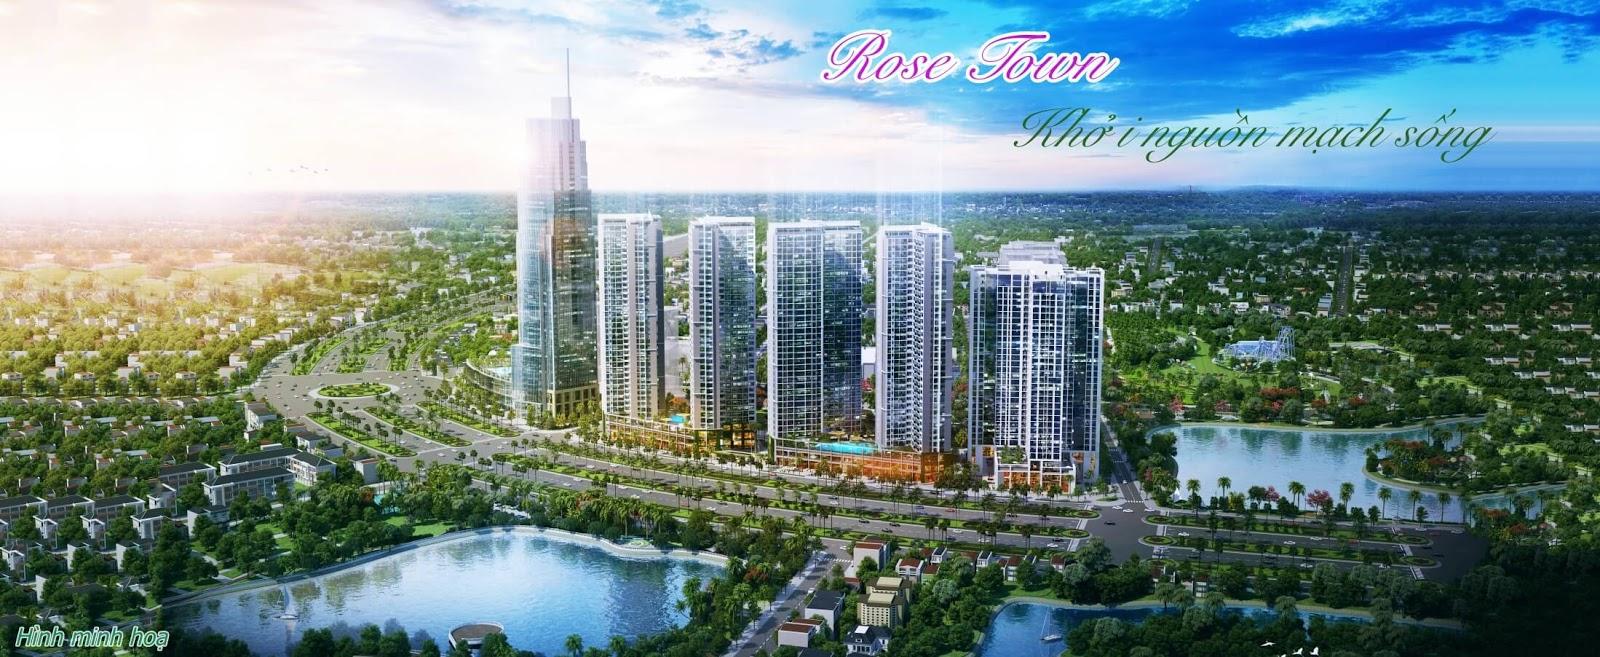 Chung cư Rose Town Ngọc Hồi